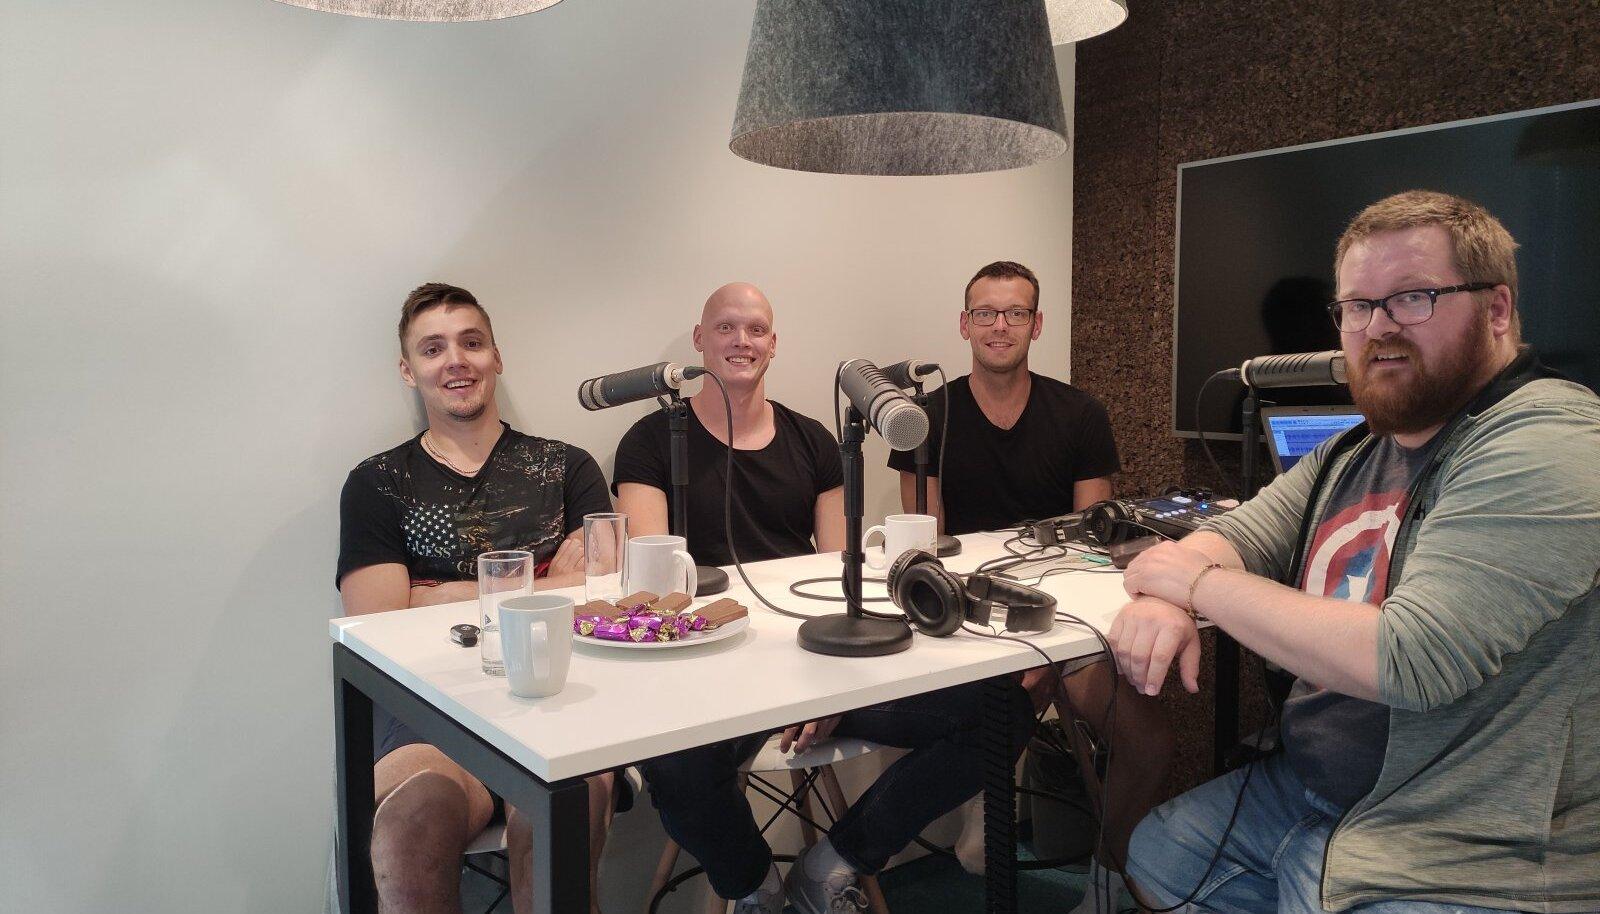 Robert Täht, Taavi Nõmmistu, Karl Rinaldo ja Uku Rummi Manta Maja stuudios.